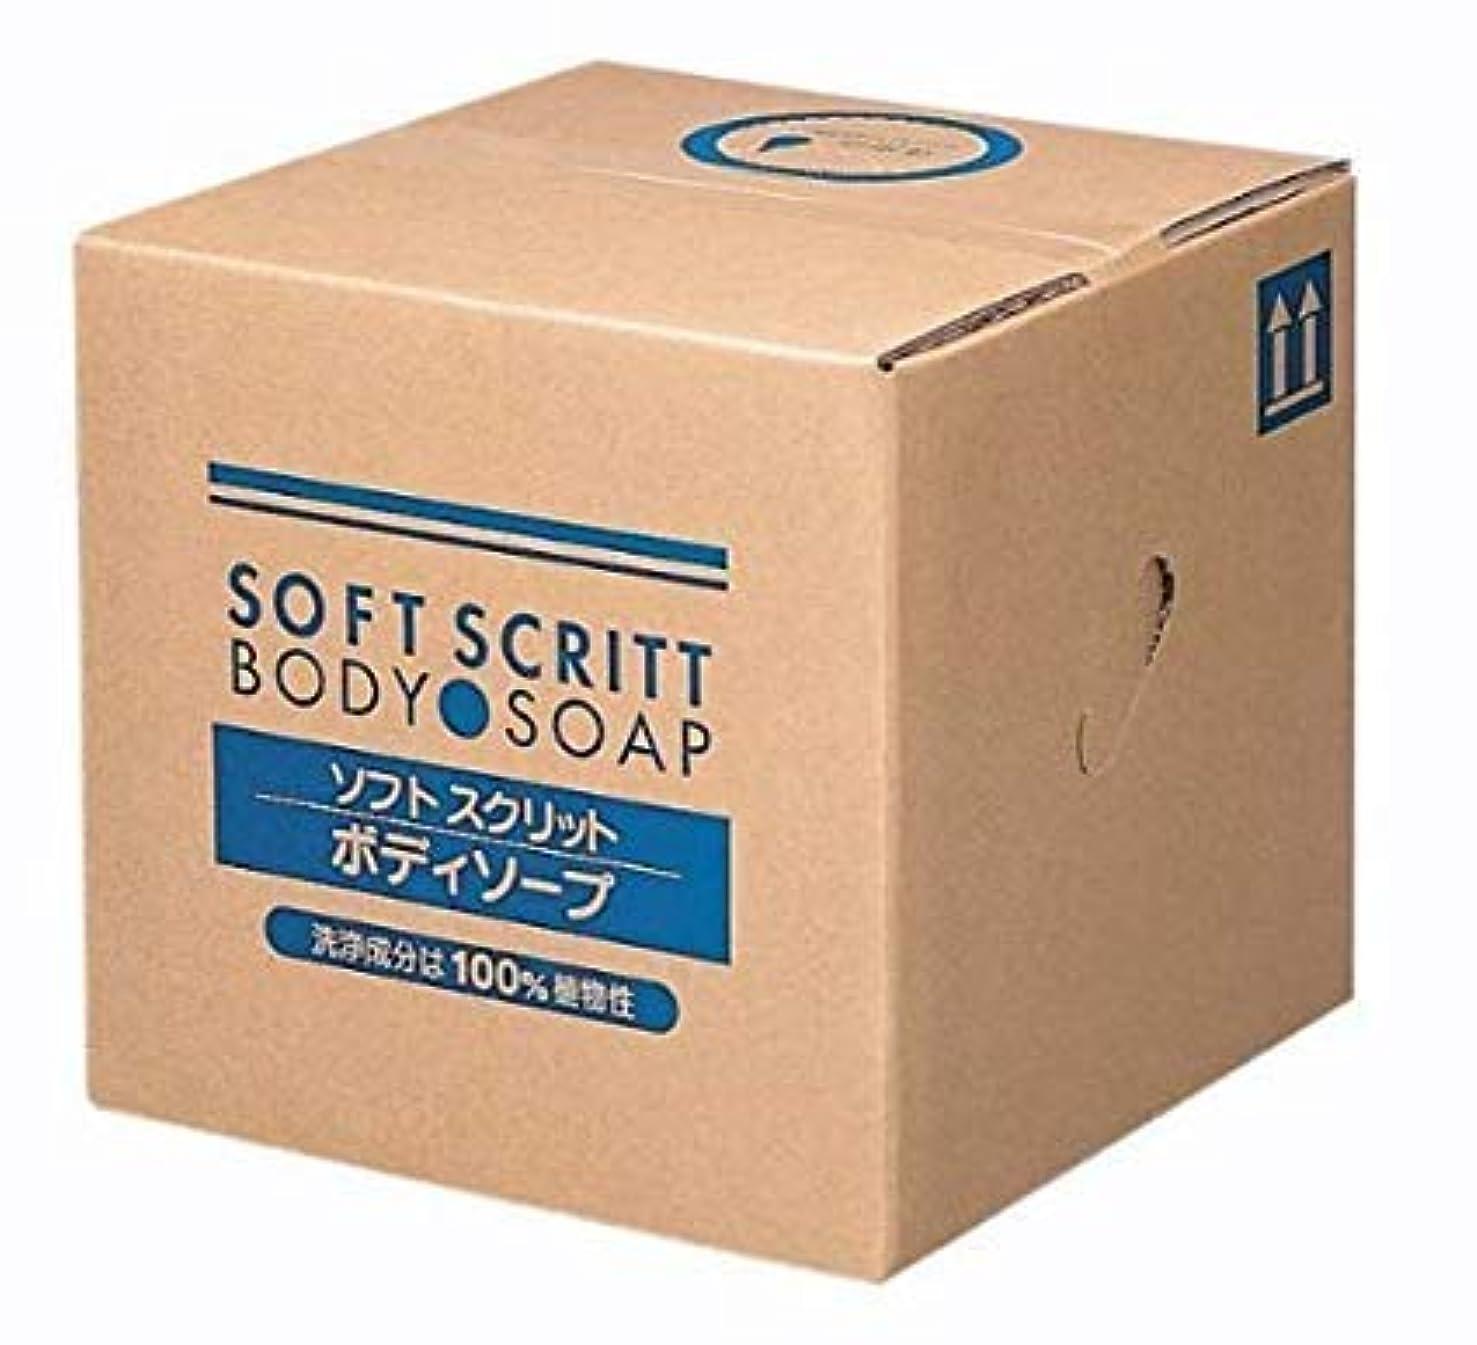 丘六分儀説得力のある業務用 SOFT SCRITT(ソフト スクリット) ボディソープ 18L 熊野油脂 (コック無し)